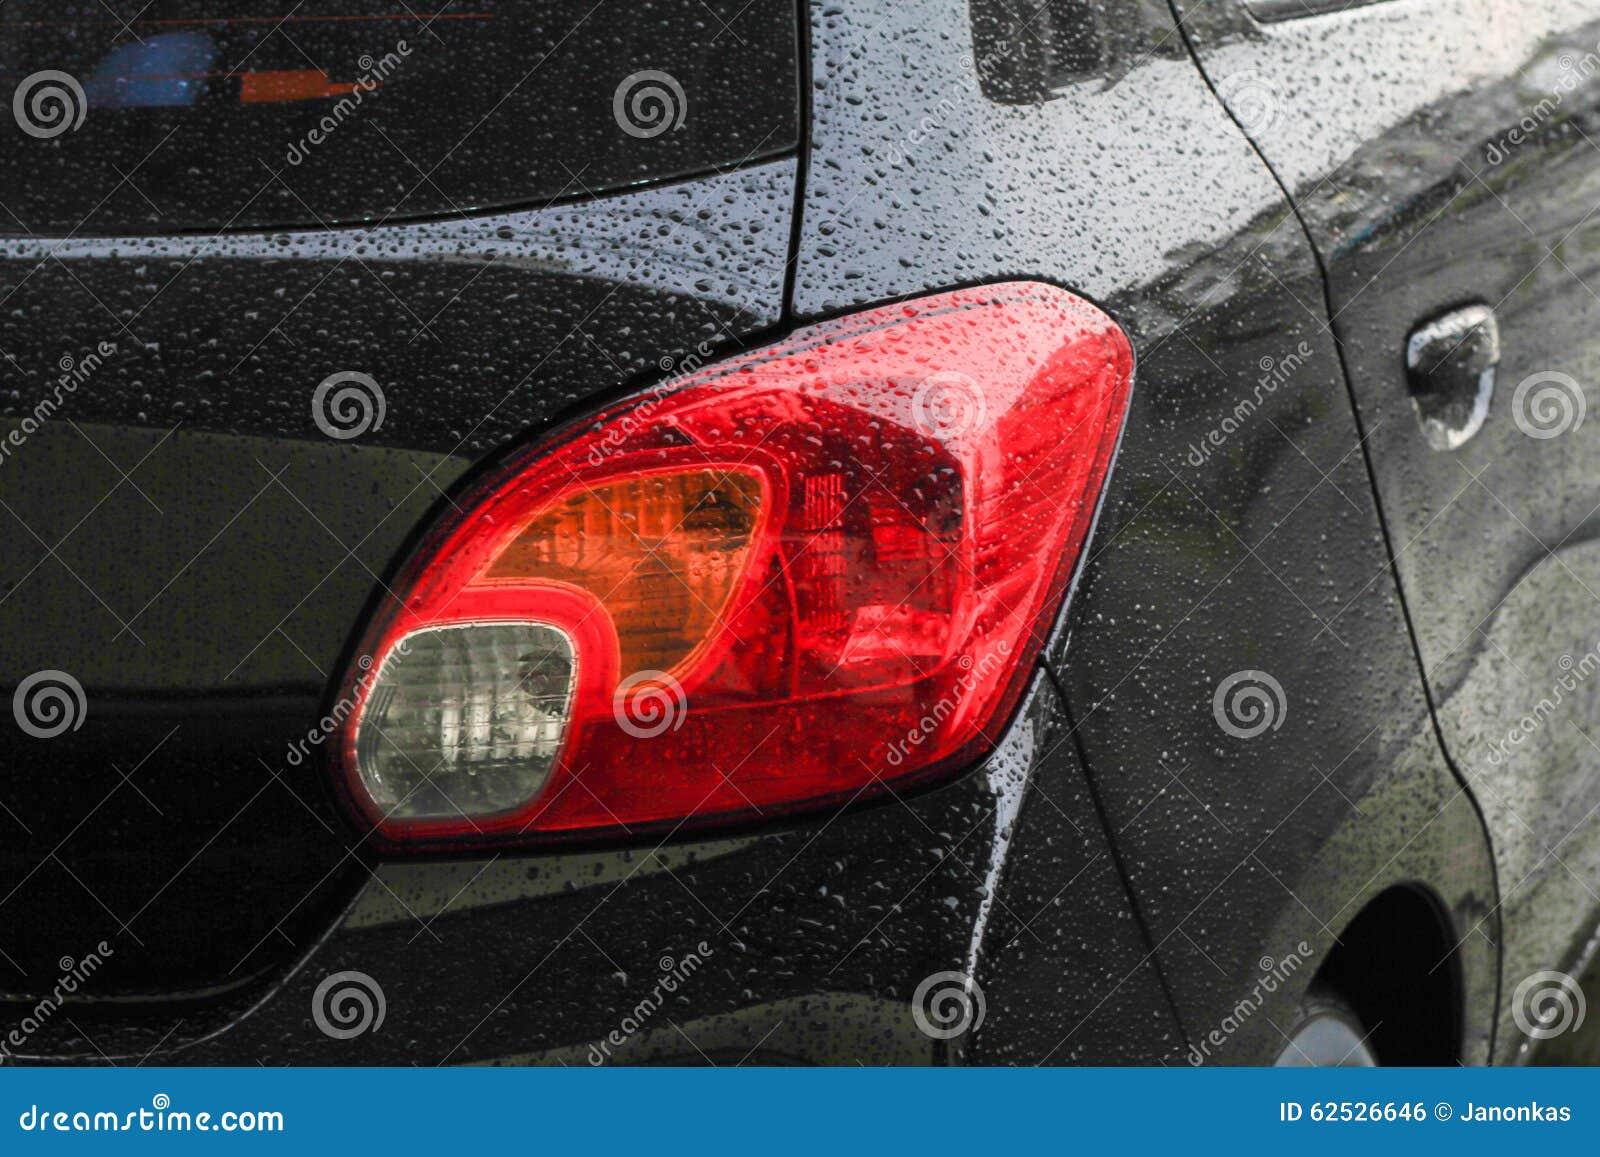 汽车表面上的雨珠